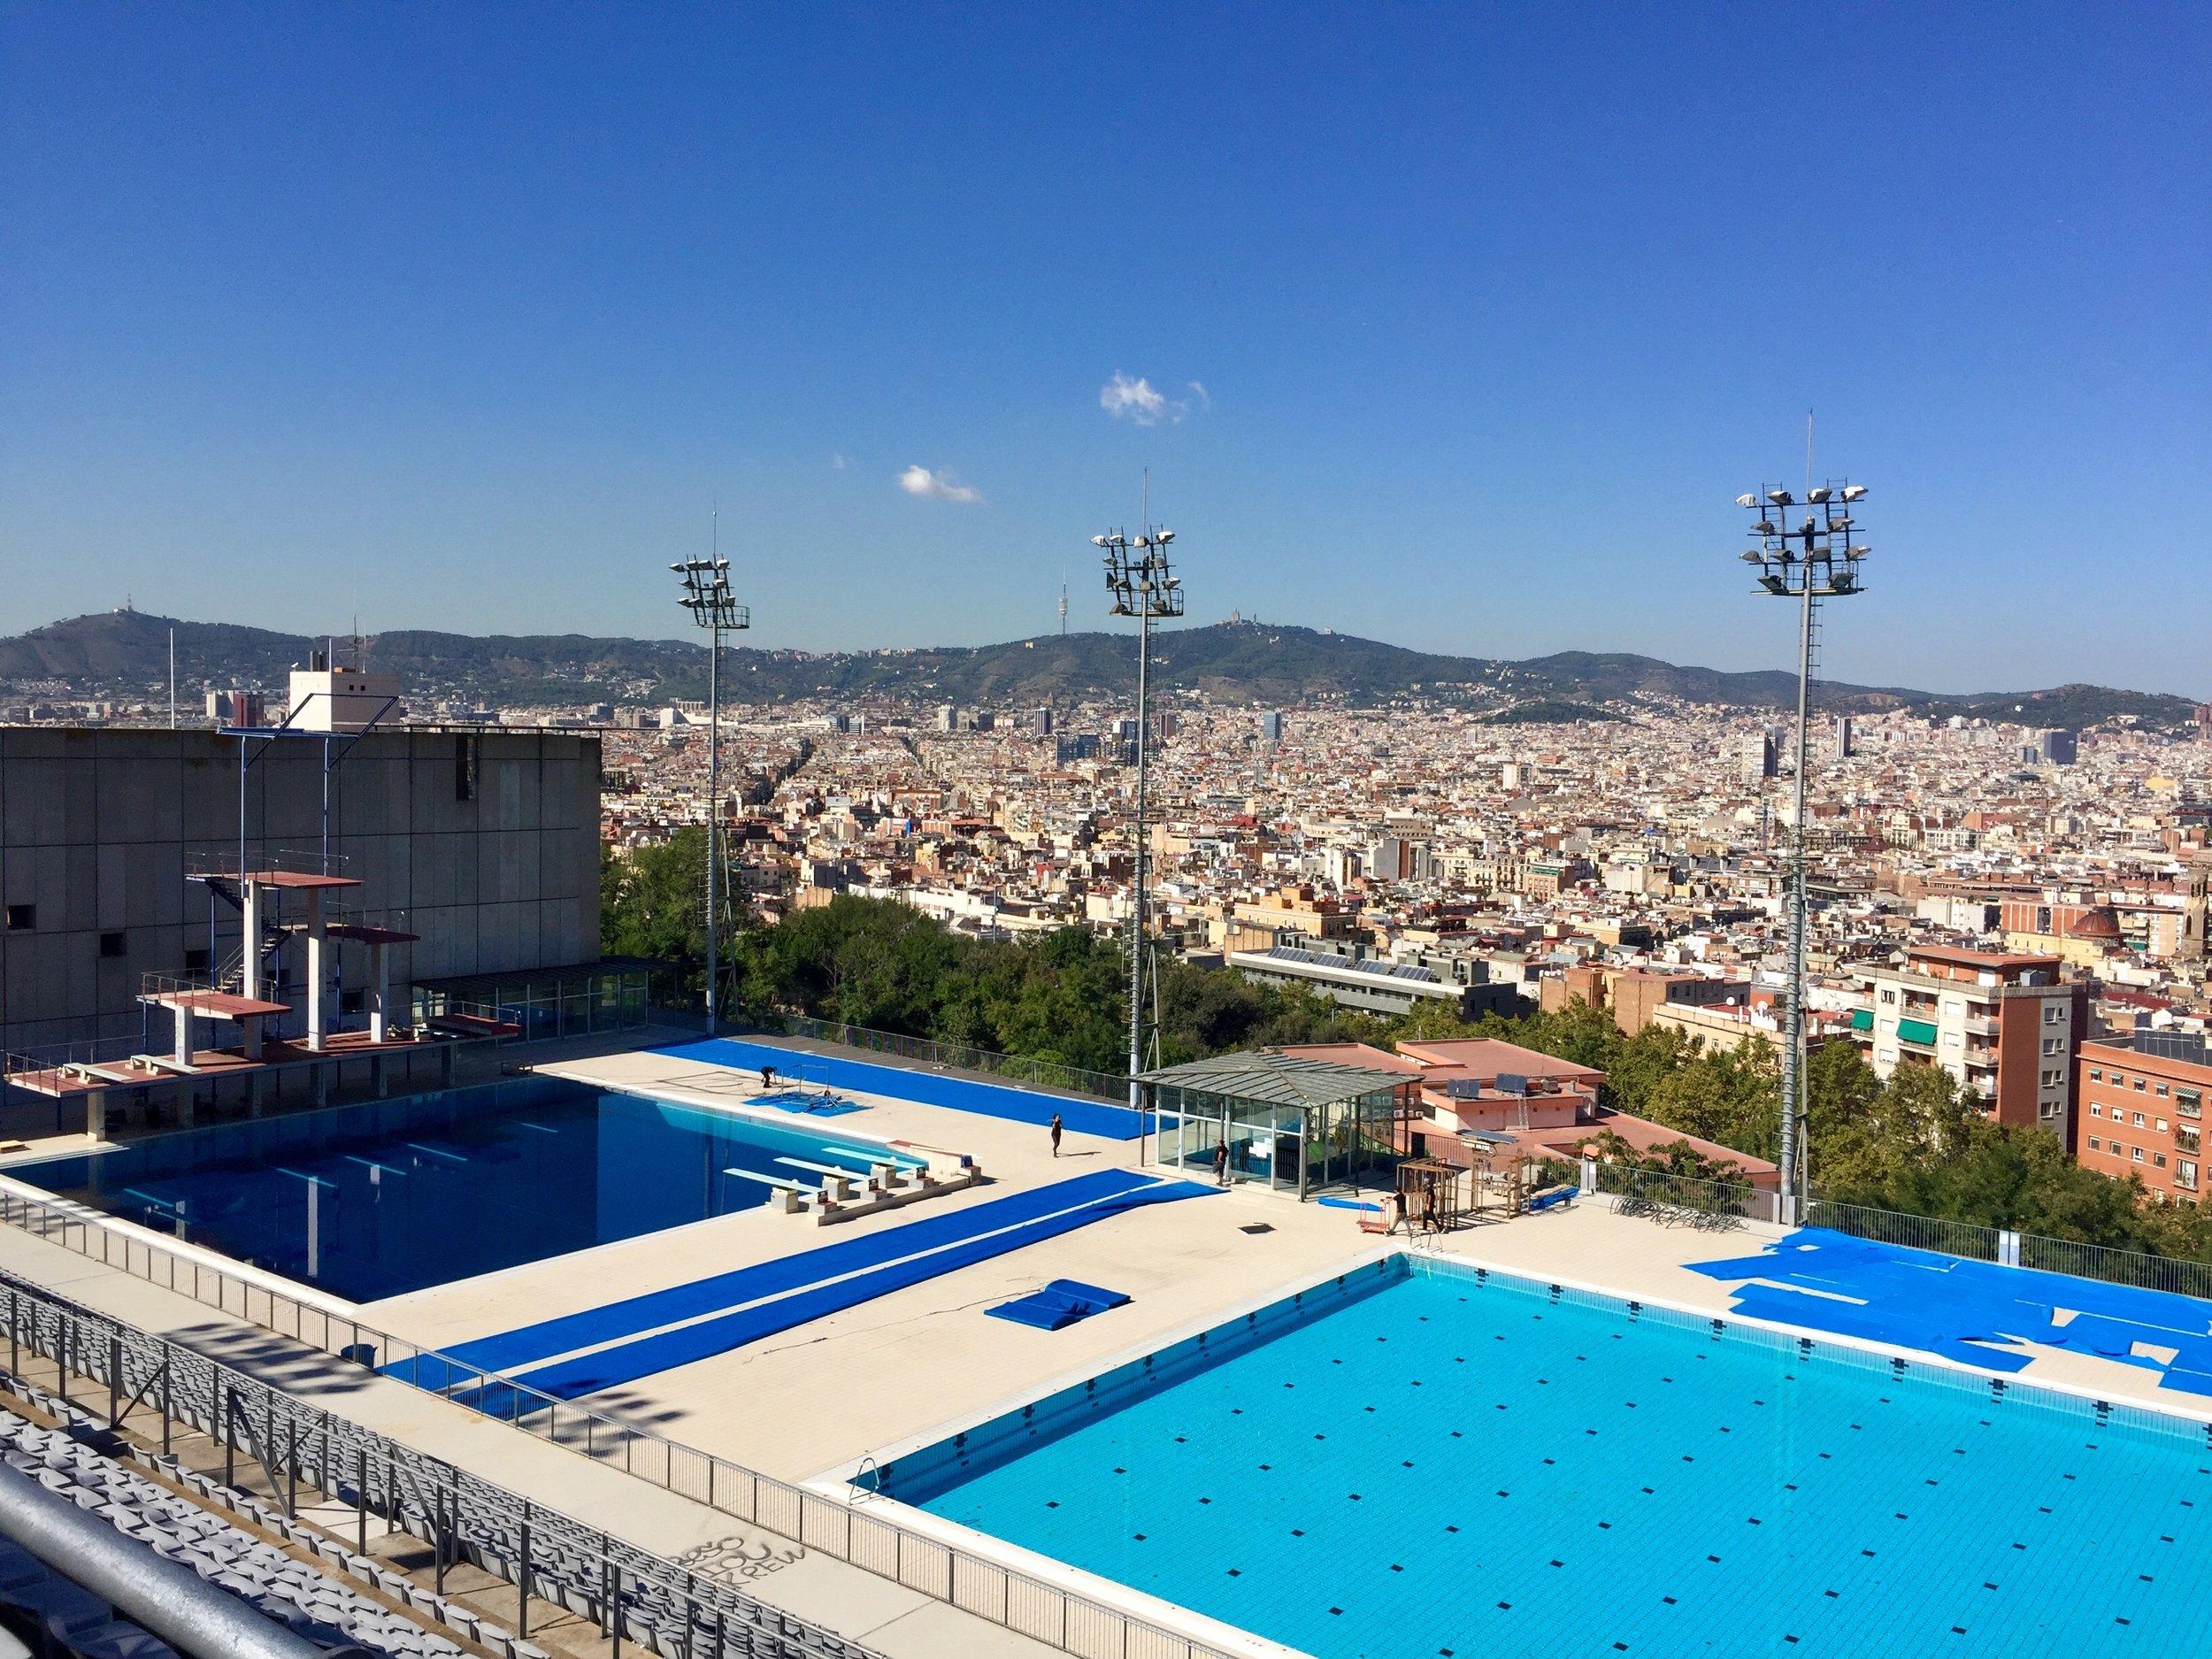 Barcelona Spain Olympic diving pool.jpg